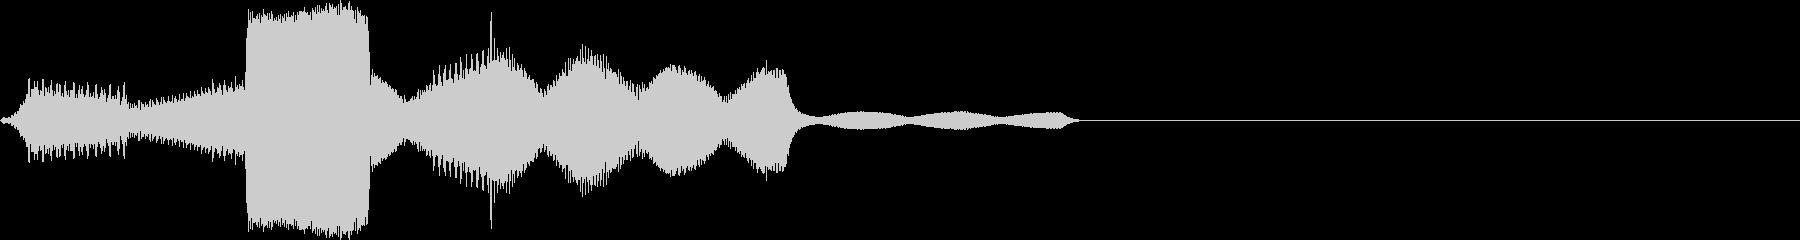 ピロリ(click_044_ボタン)の未再生の波形